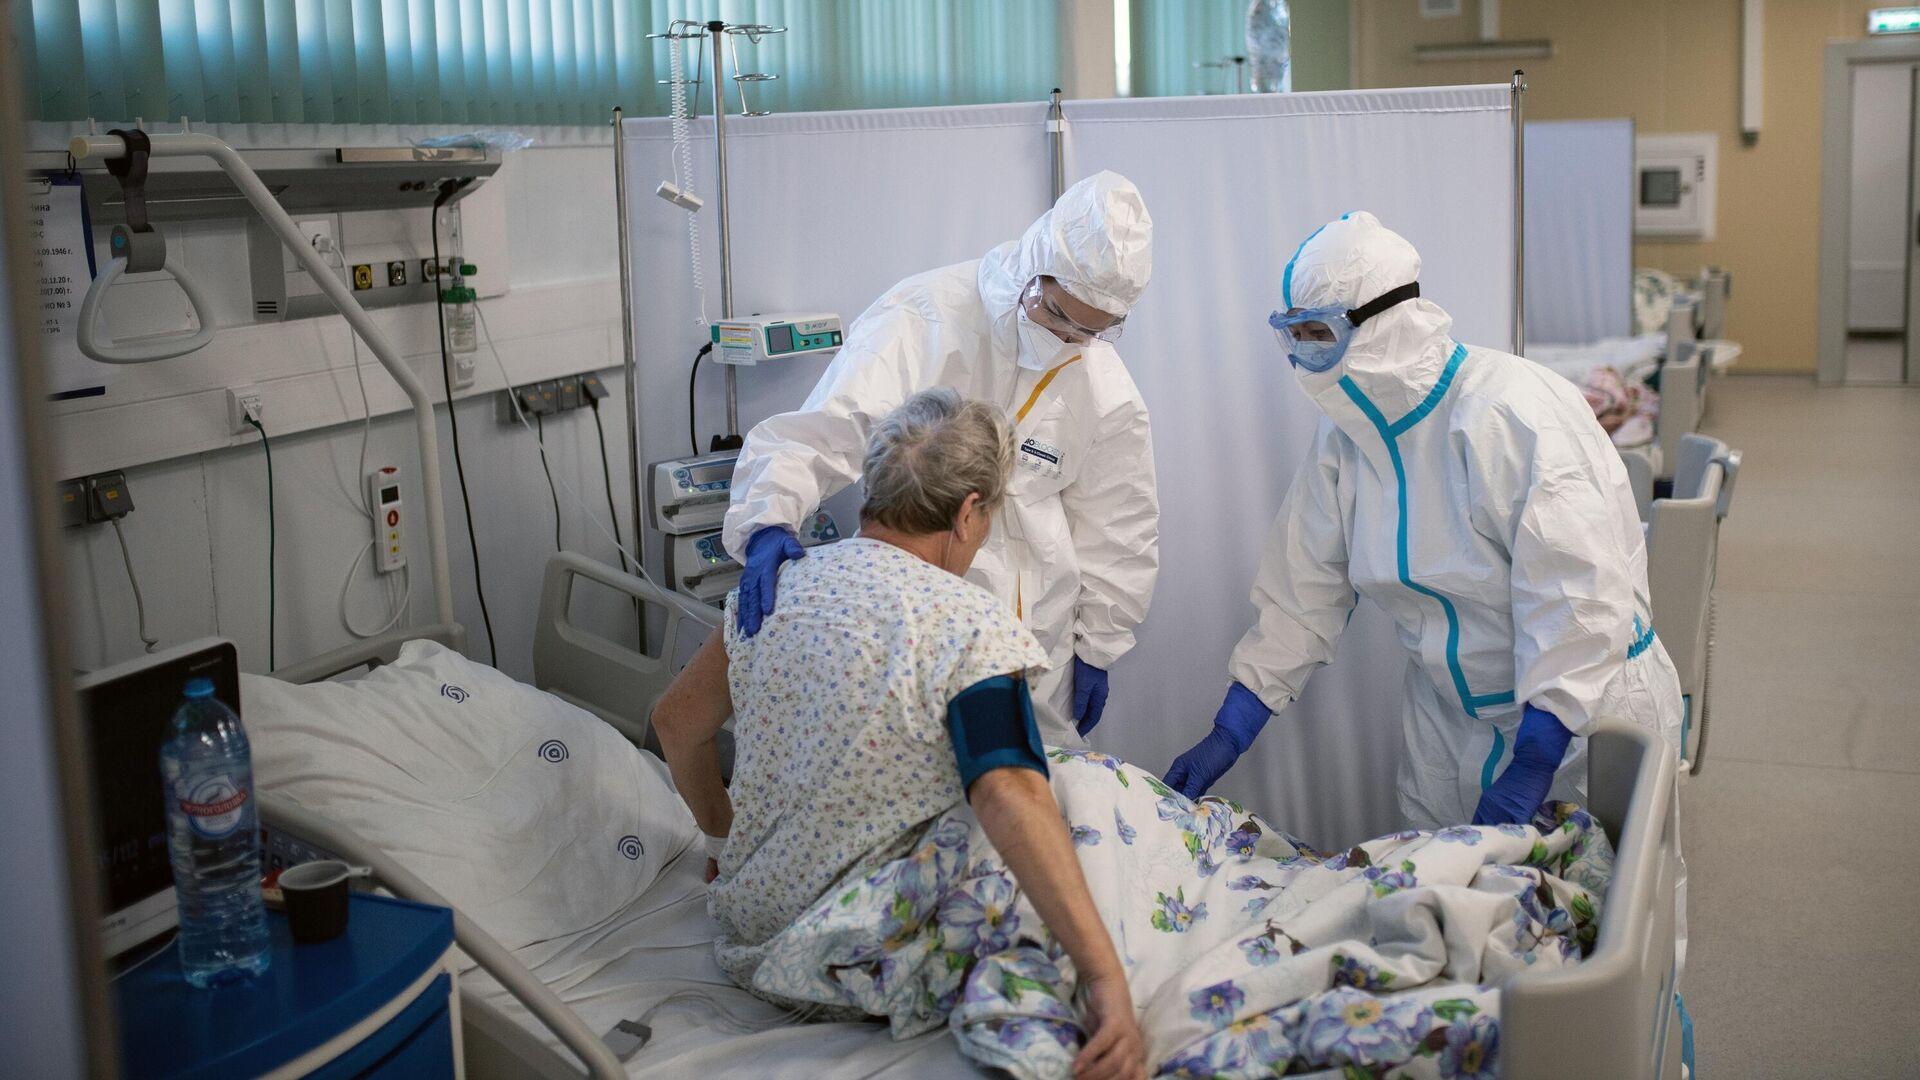 Медицинские работники и пациент в отделении реанимации и интенсивной терапии в госпитале для больных COVID-19  - РИА Новости, 1920, 08.12.2020